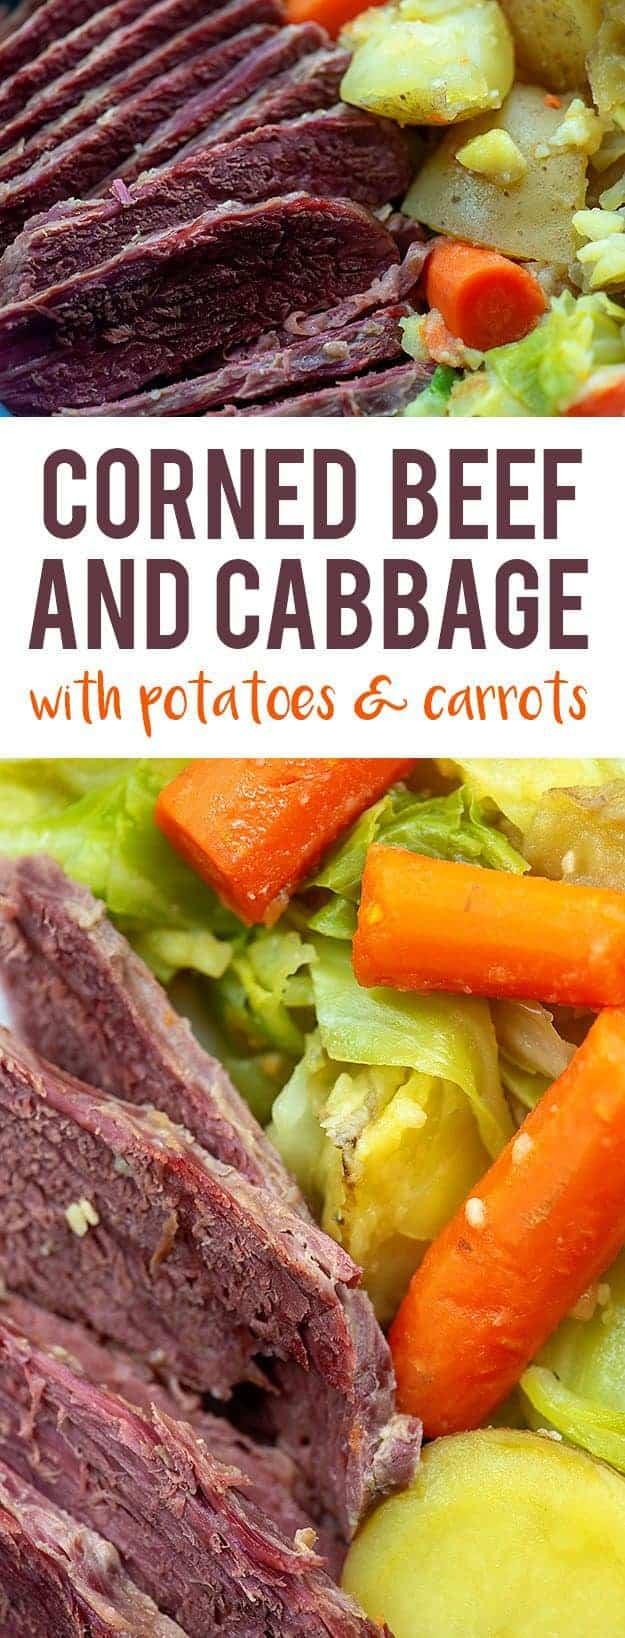 A closeup of vegetables